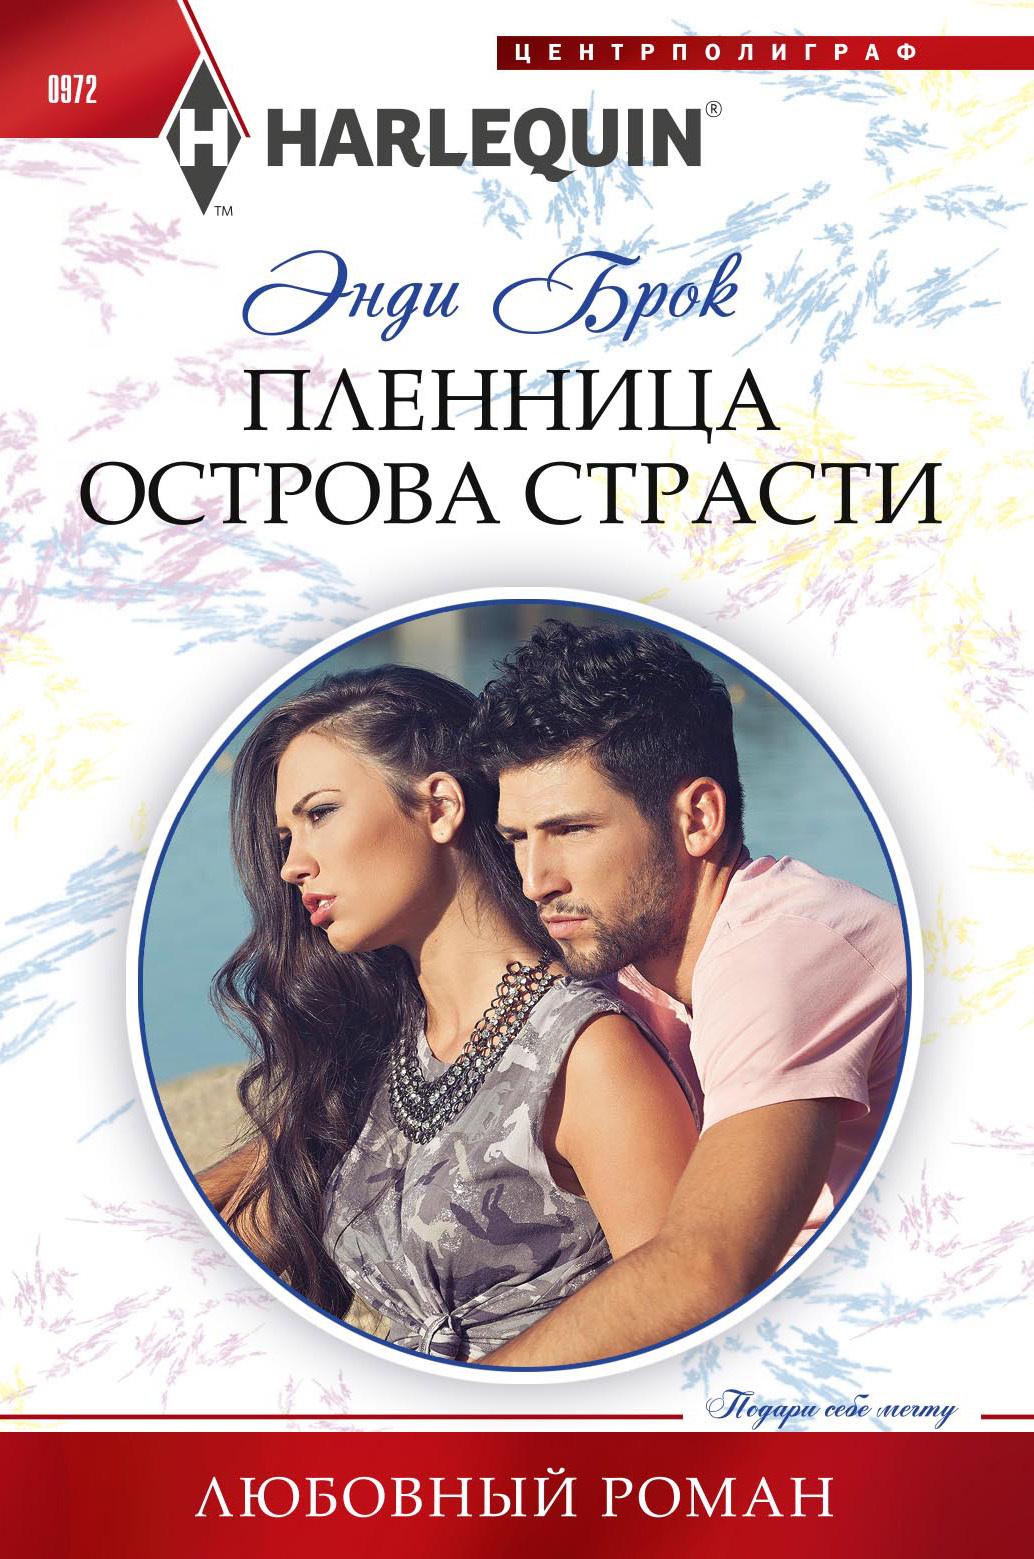 Книга Парадокс страсти читать онлайн бесплатно, автор Дин ...